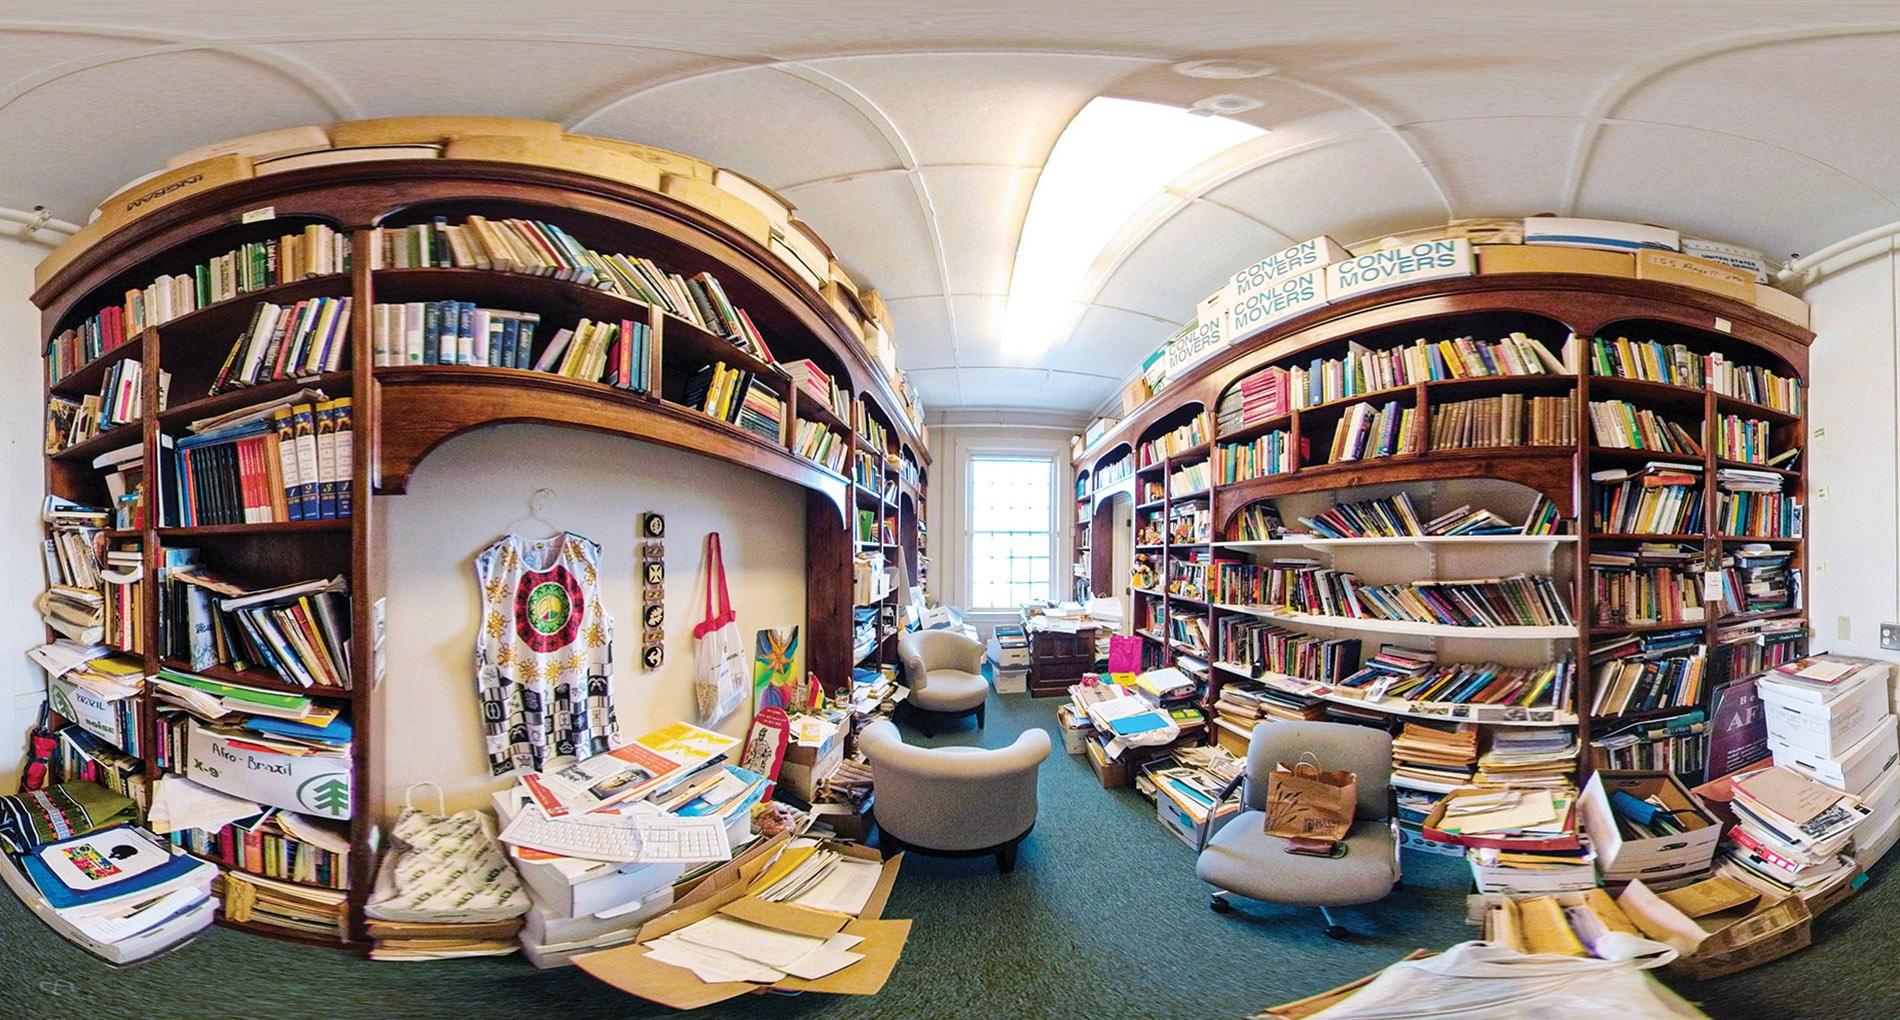 Image of Dzidzienyo's office